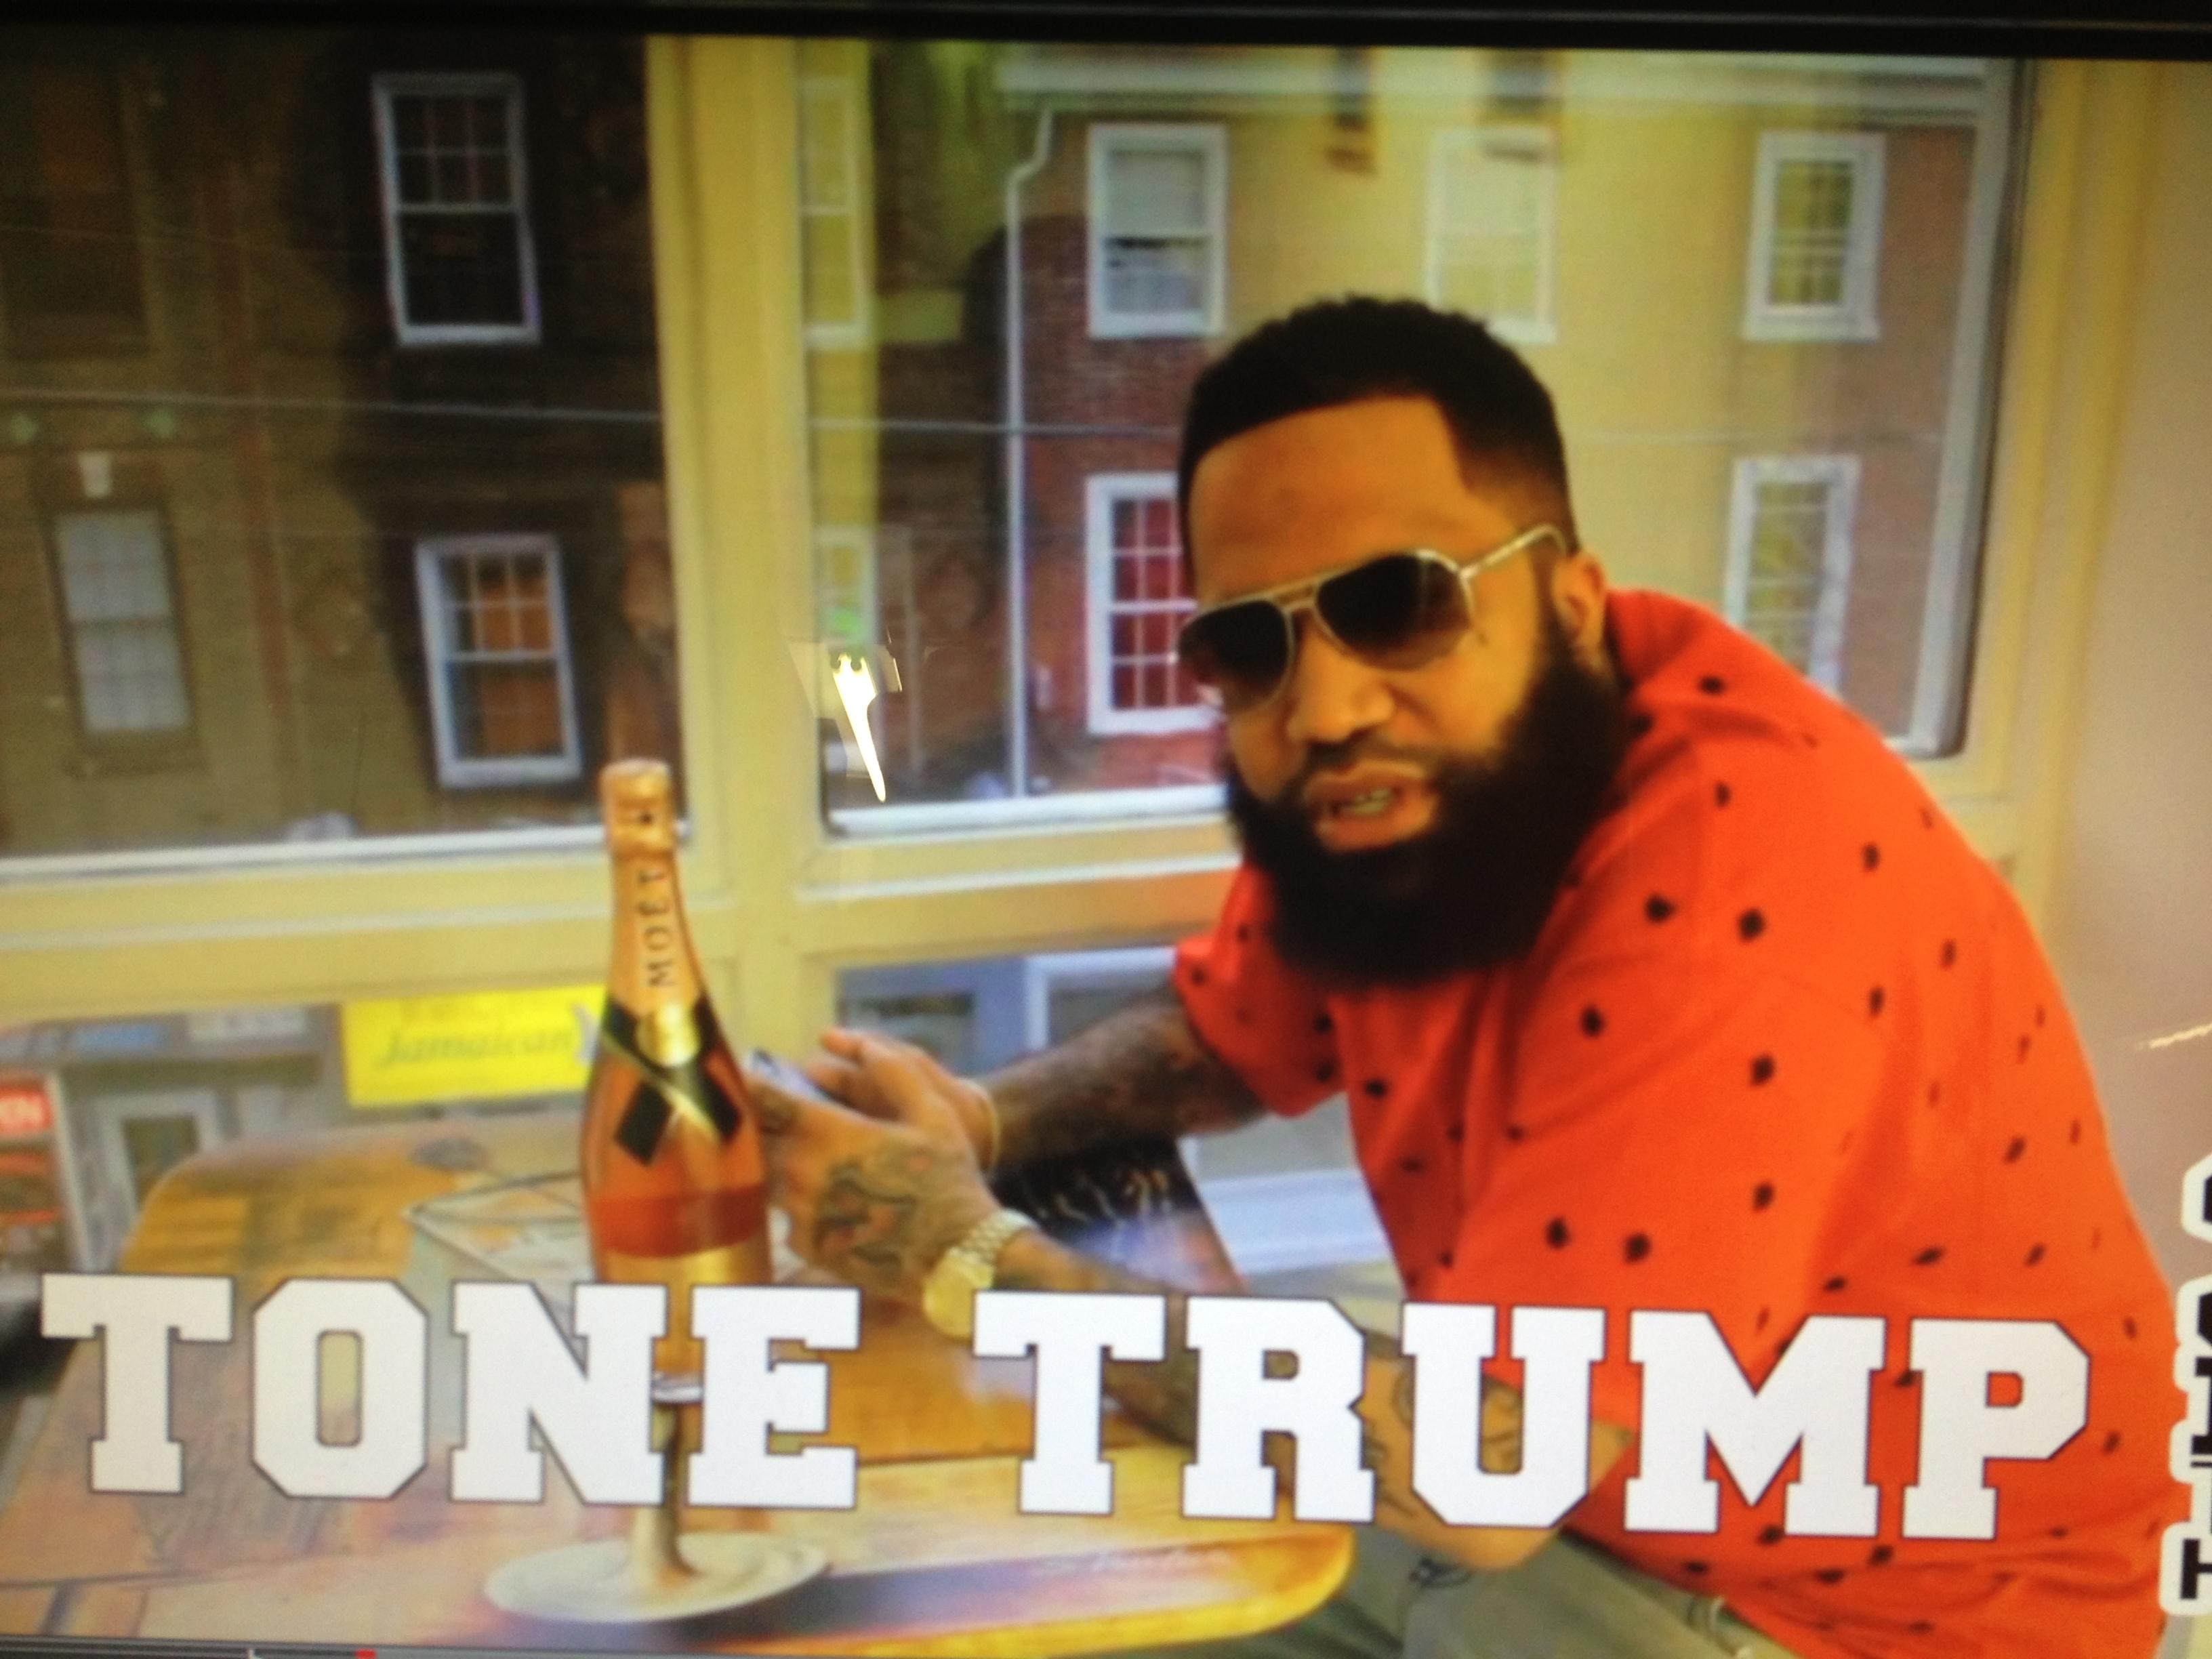 Tone Trump in Brain matter red